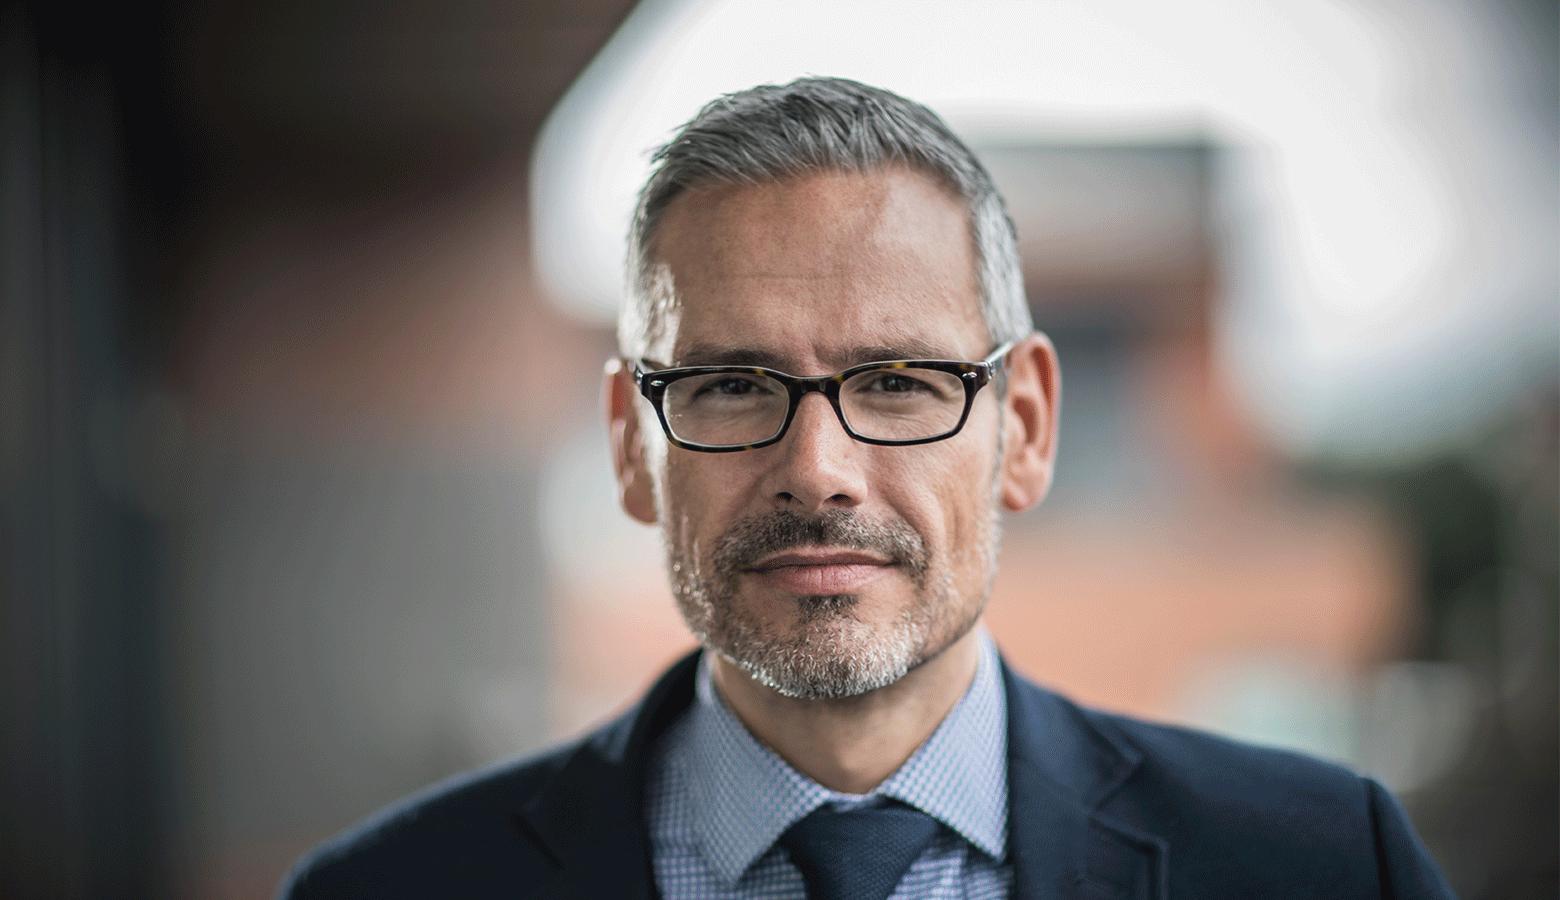 Man holding glasses